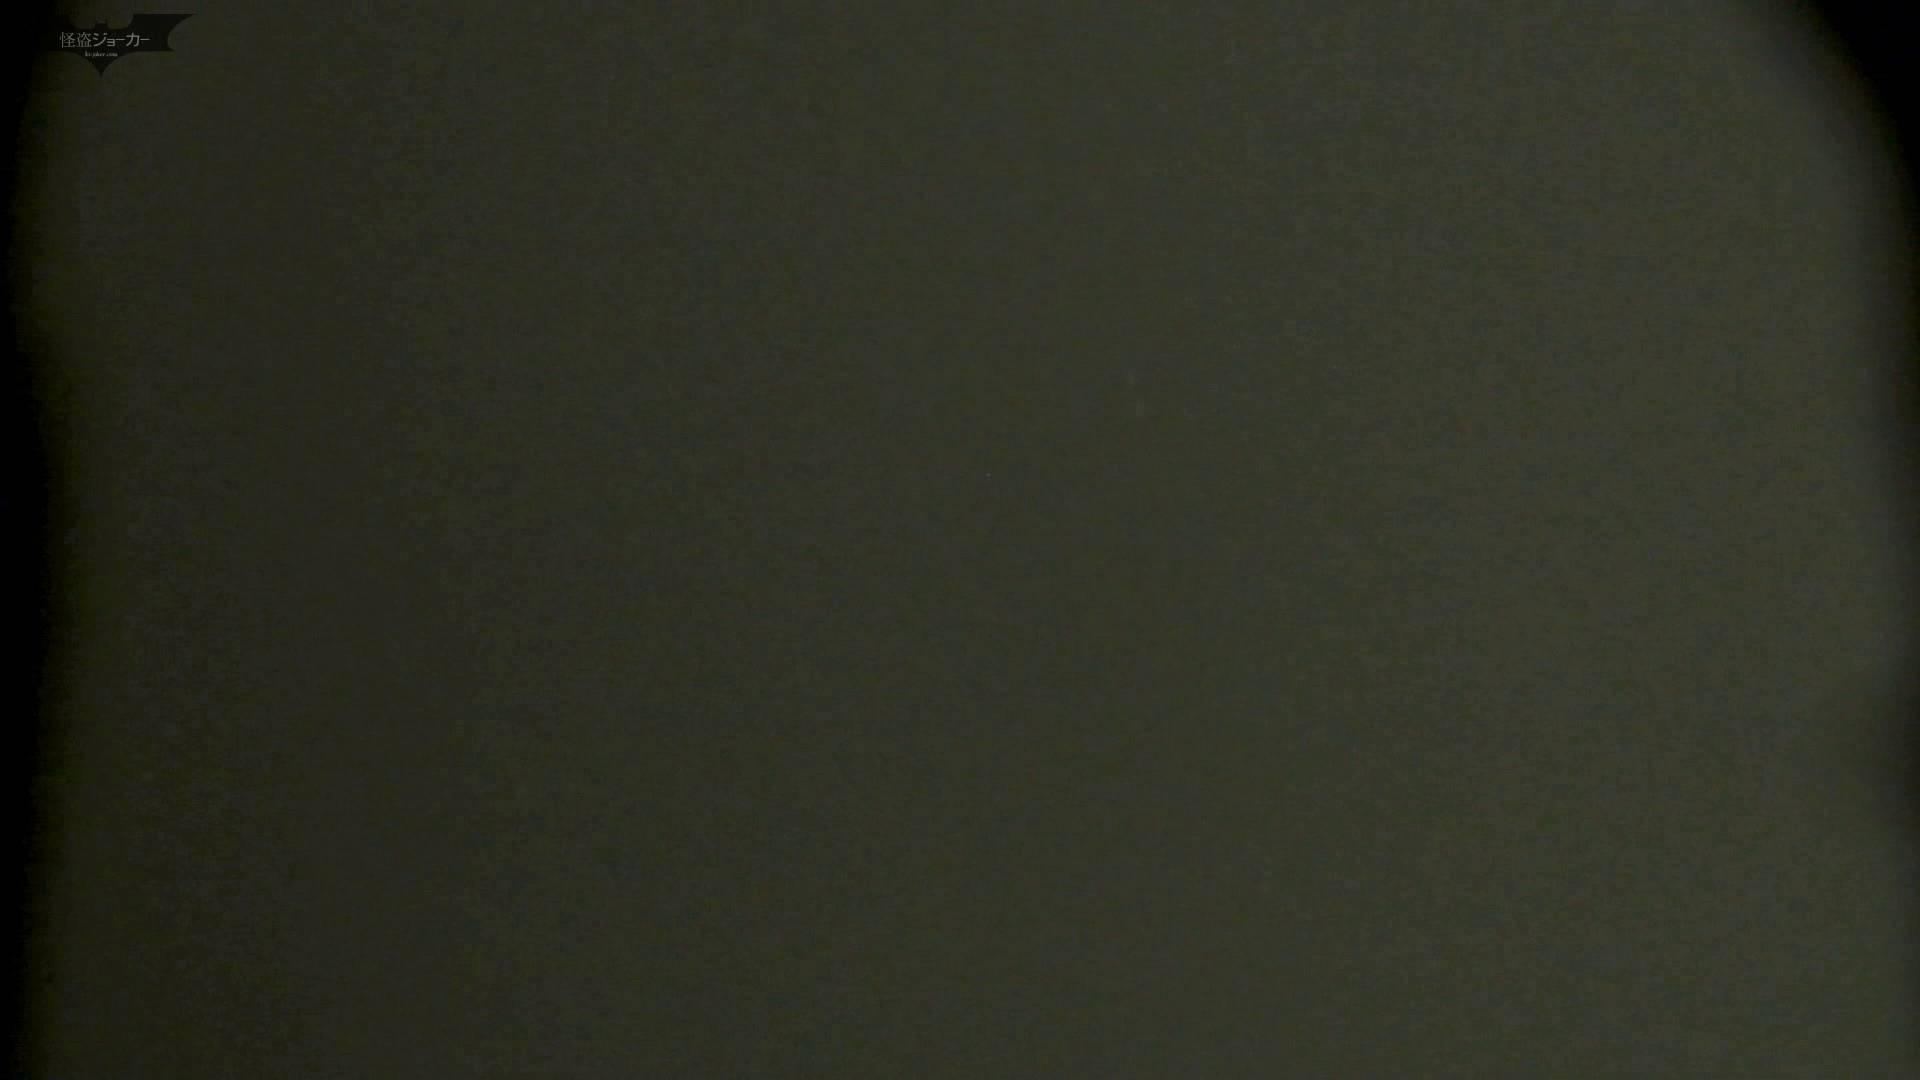 洗面所特攻隊vol.63 慌てる。「46」で登場した子【2015・20位】 OL   洗面所着替え  50連発 49